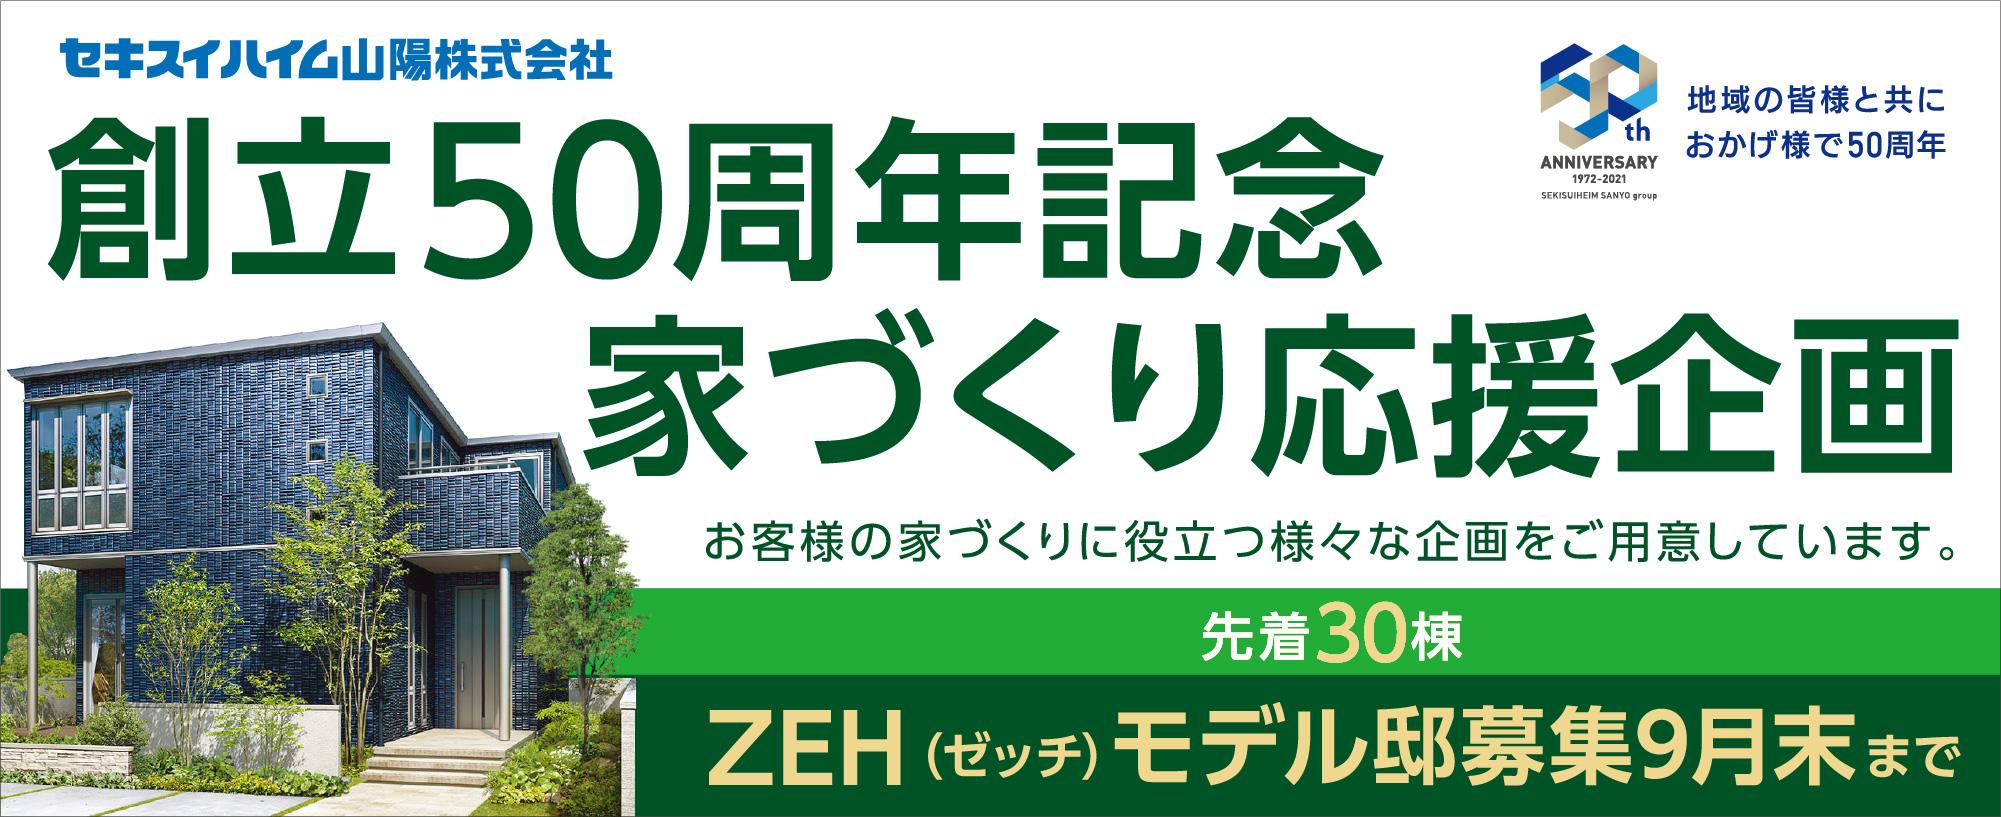 セキスイハイム山陽株式会社 創立50周年 家づくり応援企画 第3弾